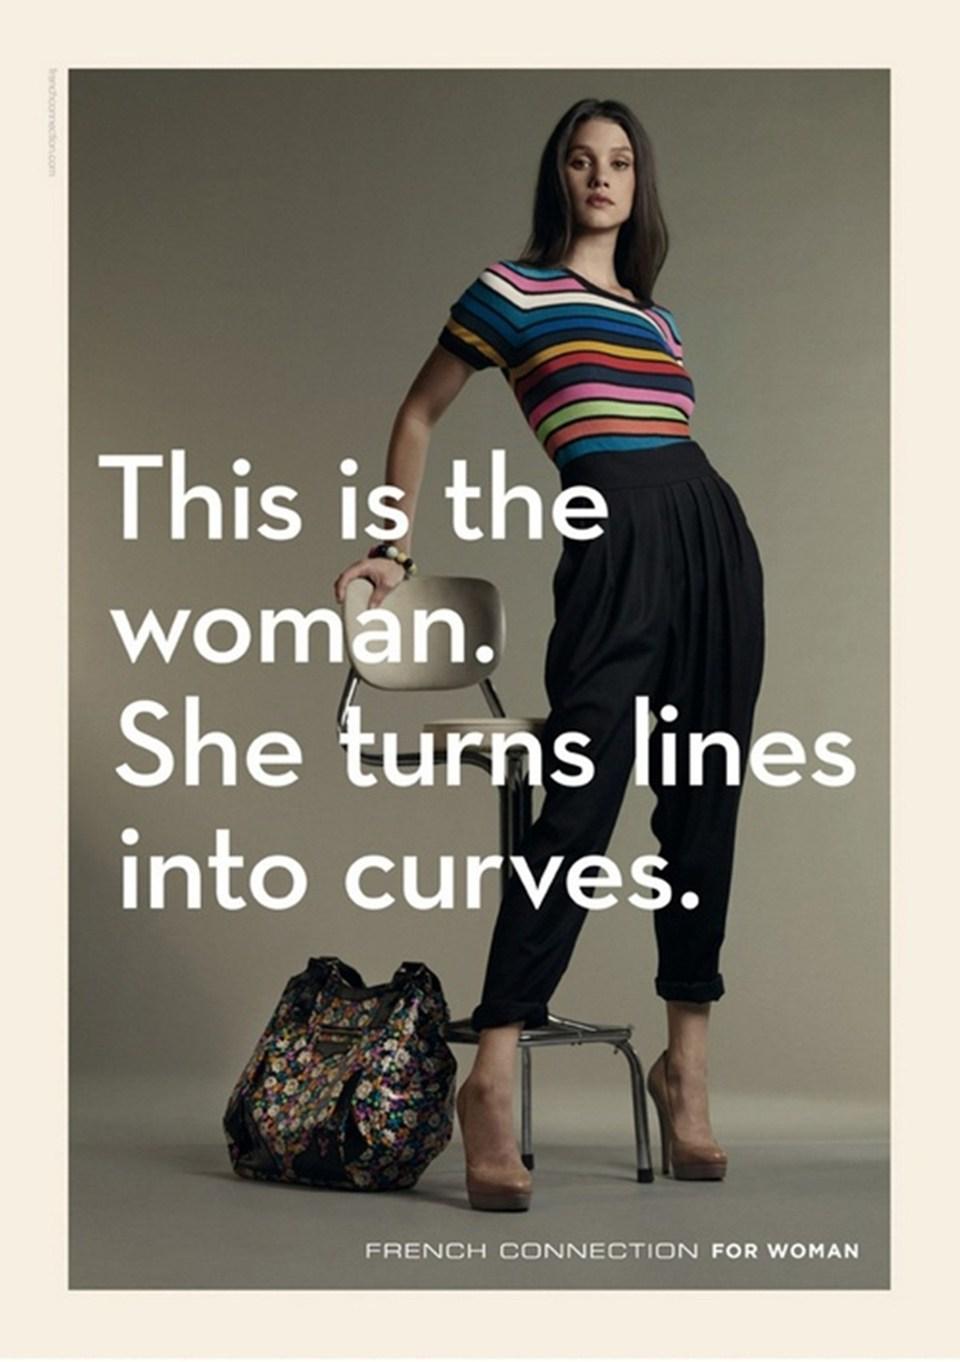 Những ý tưởng quảng cáo thật thông minh và ấn tượng-2